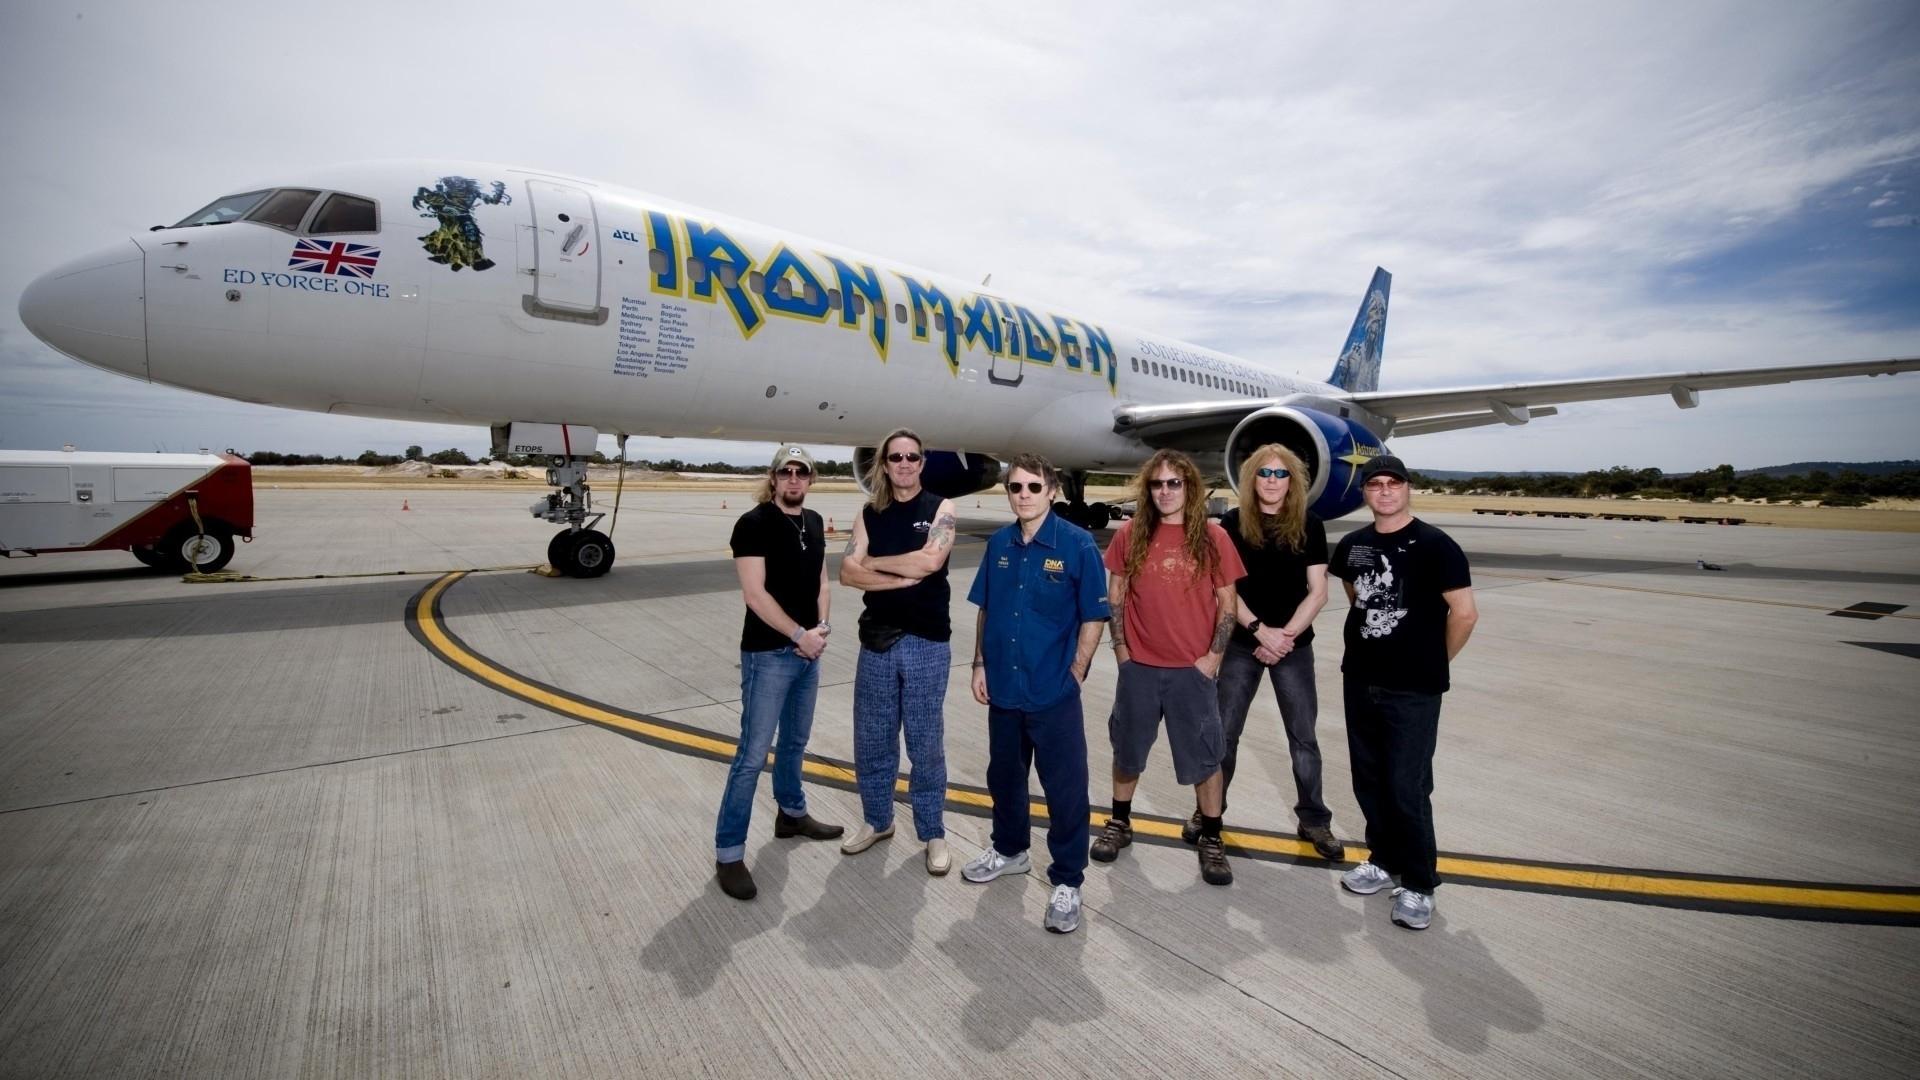 Fondos De Pantalla 1920x1080 Iron Maiden Avións Avión